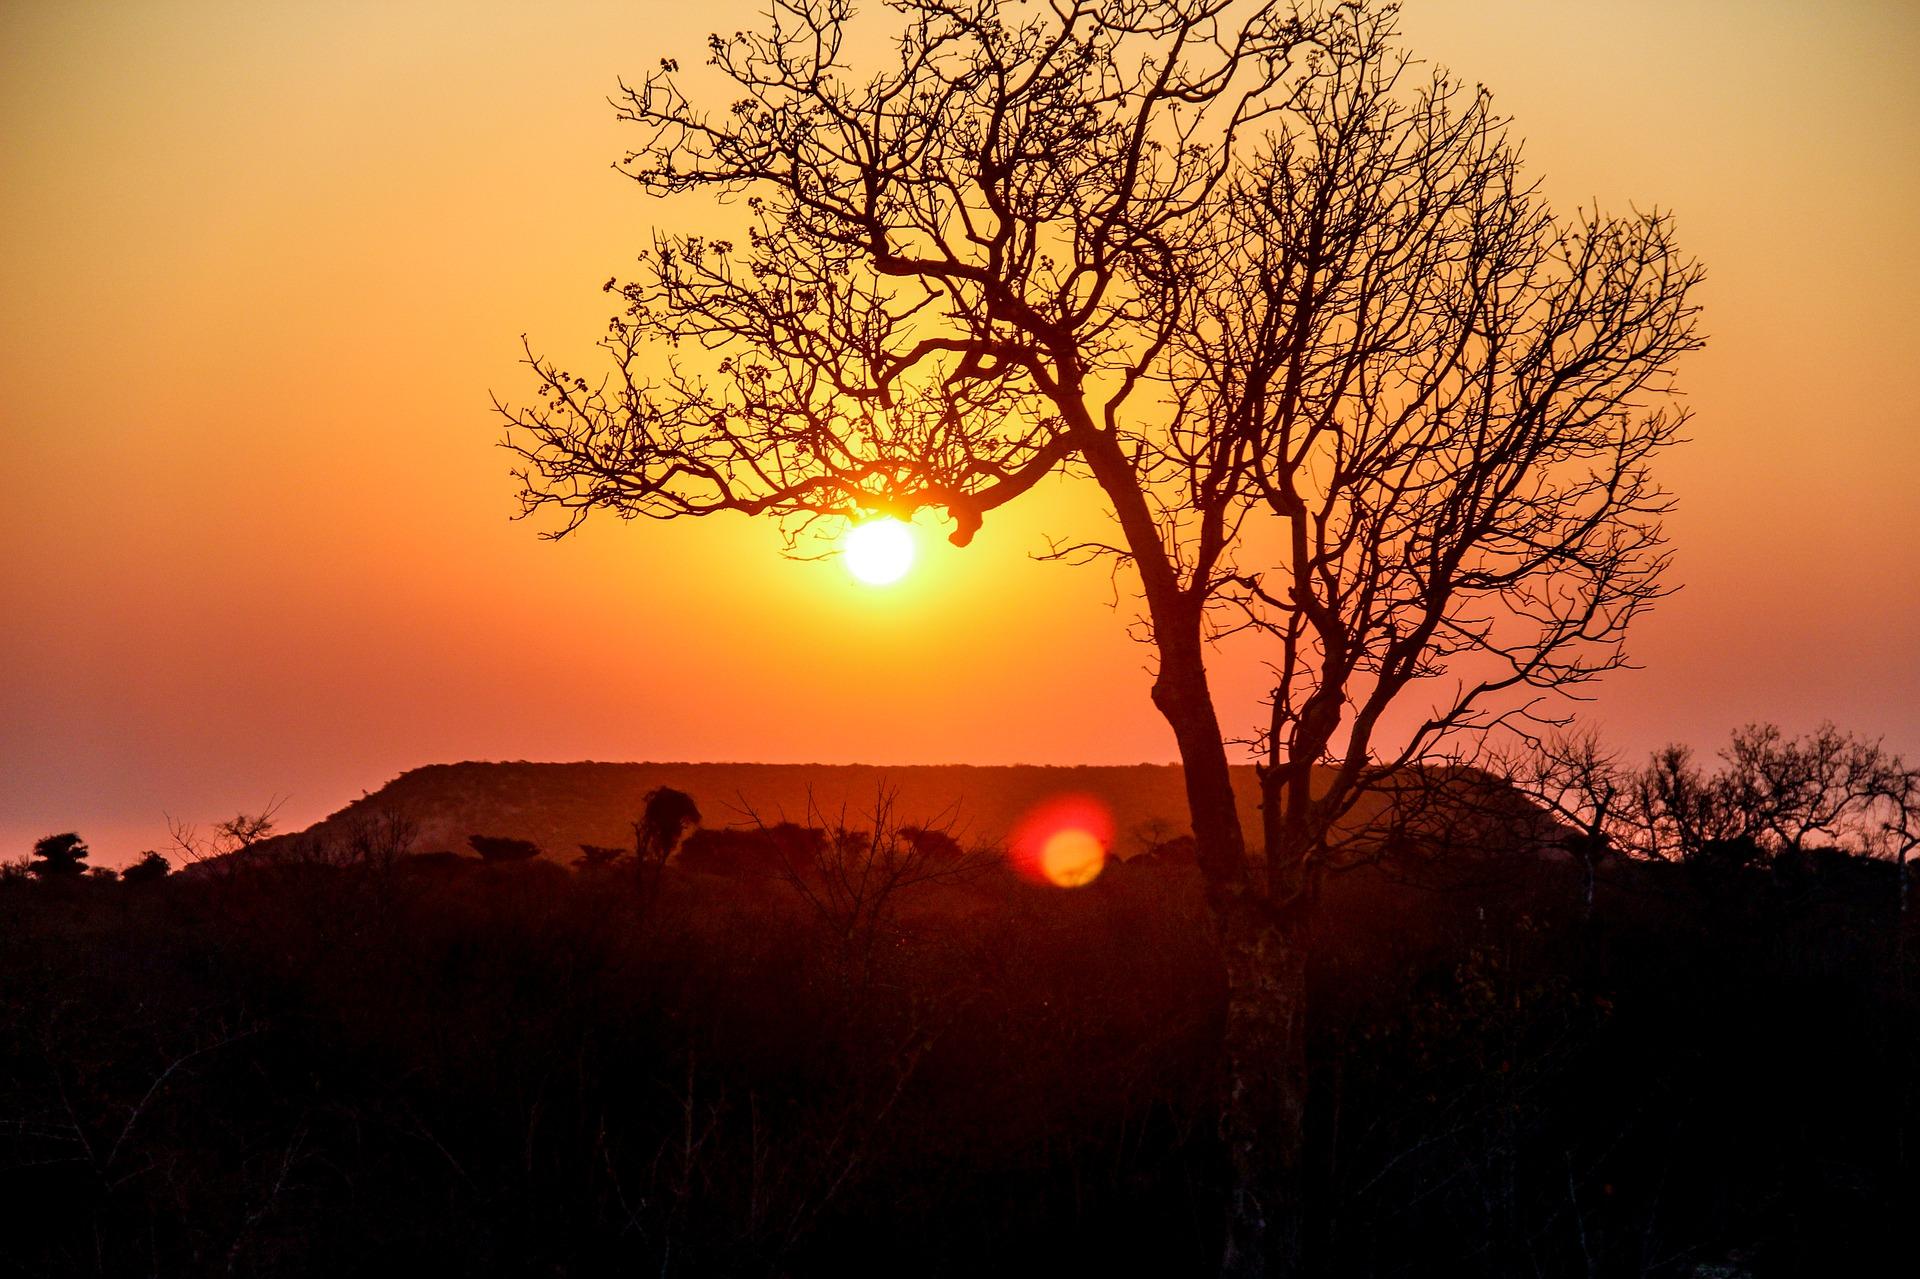 madagascar landscape africa